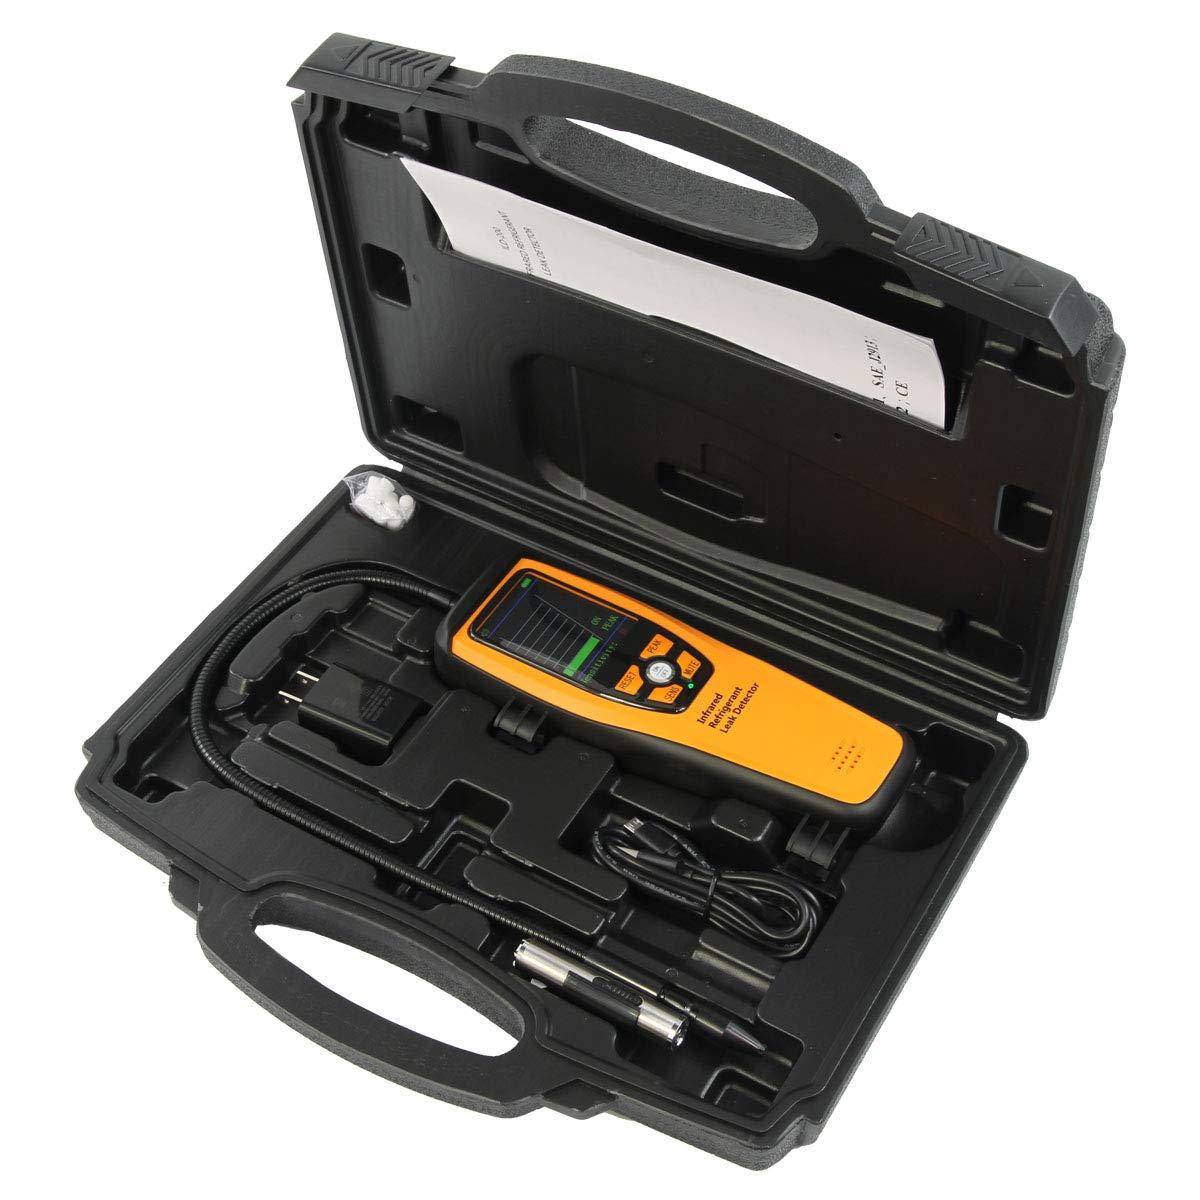 Detector de Vazamento de Refrigerante por Infravermelho Elitech ILD-200